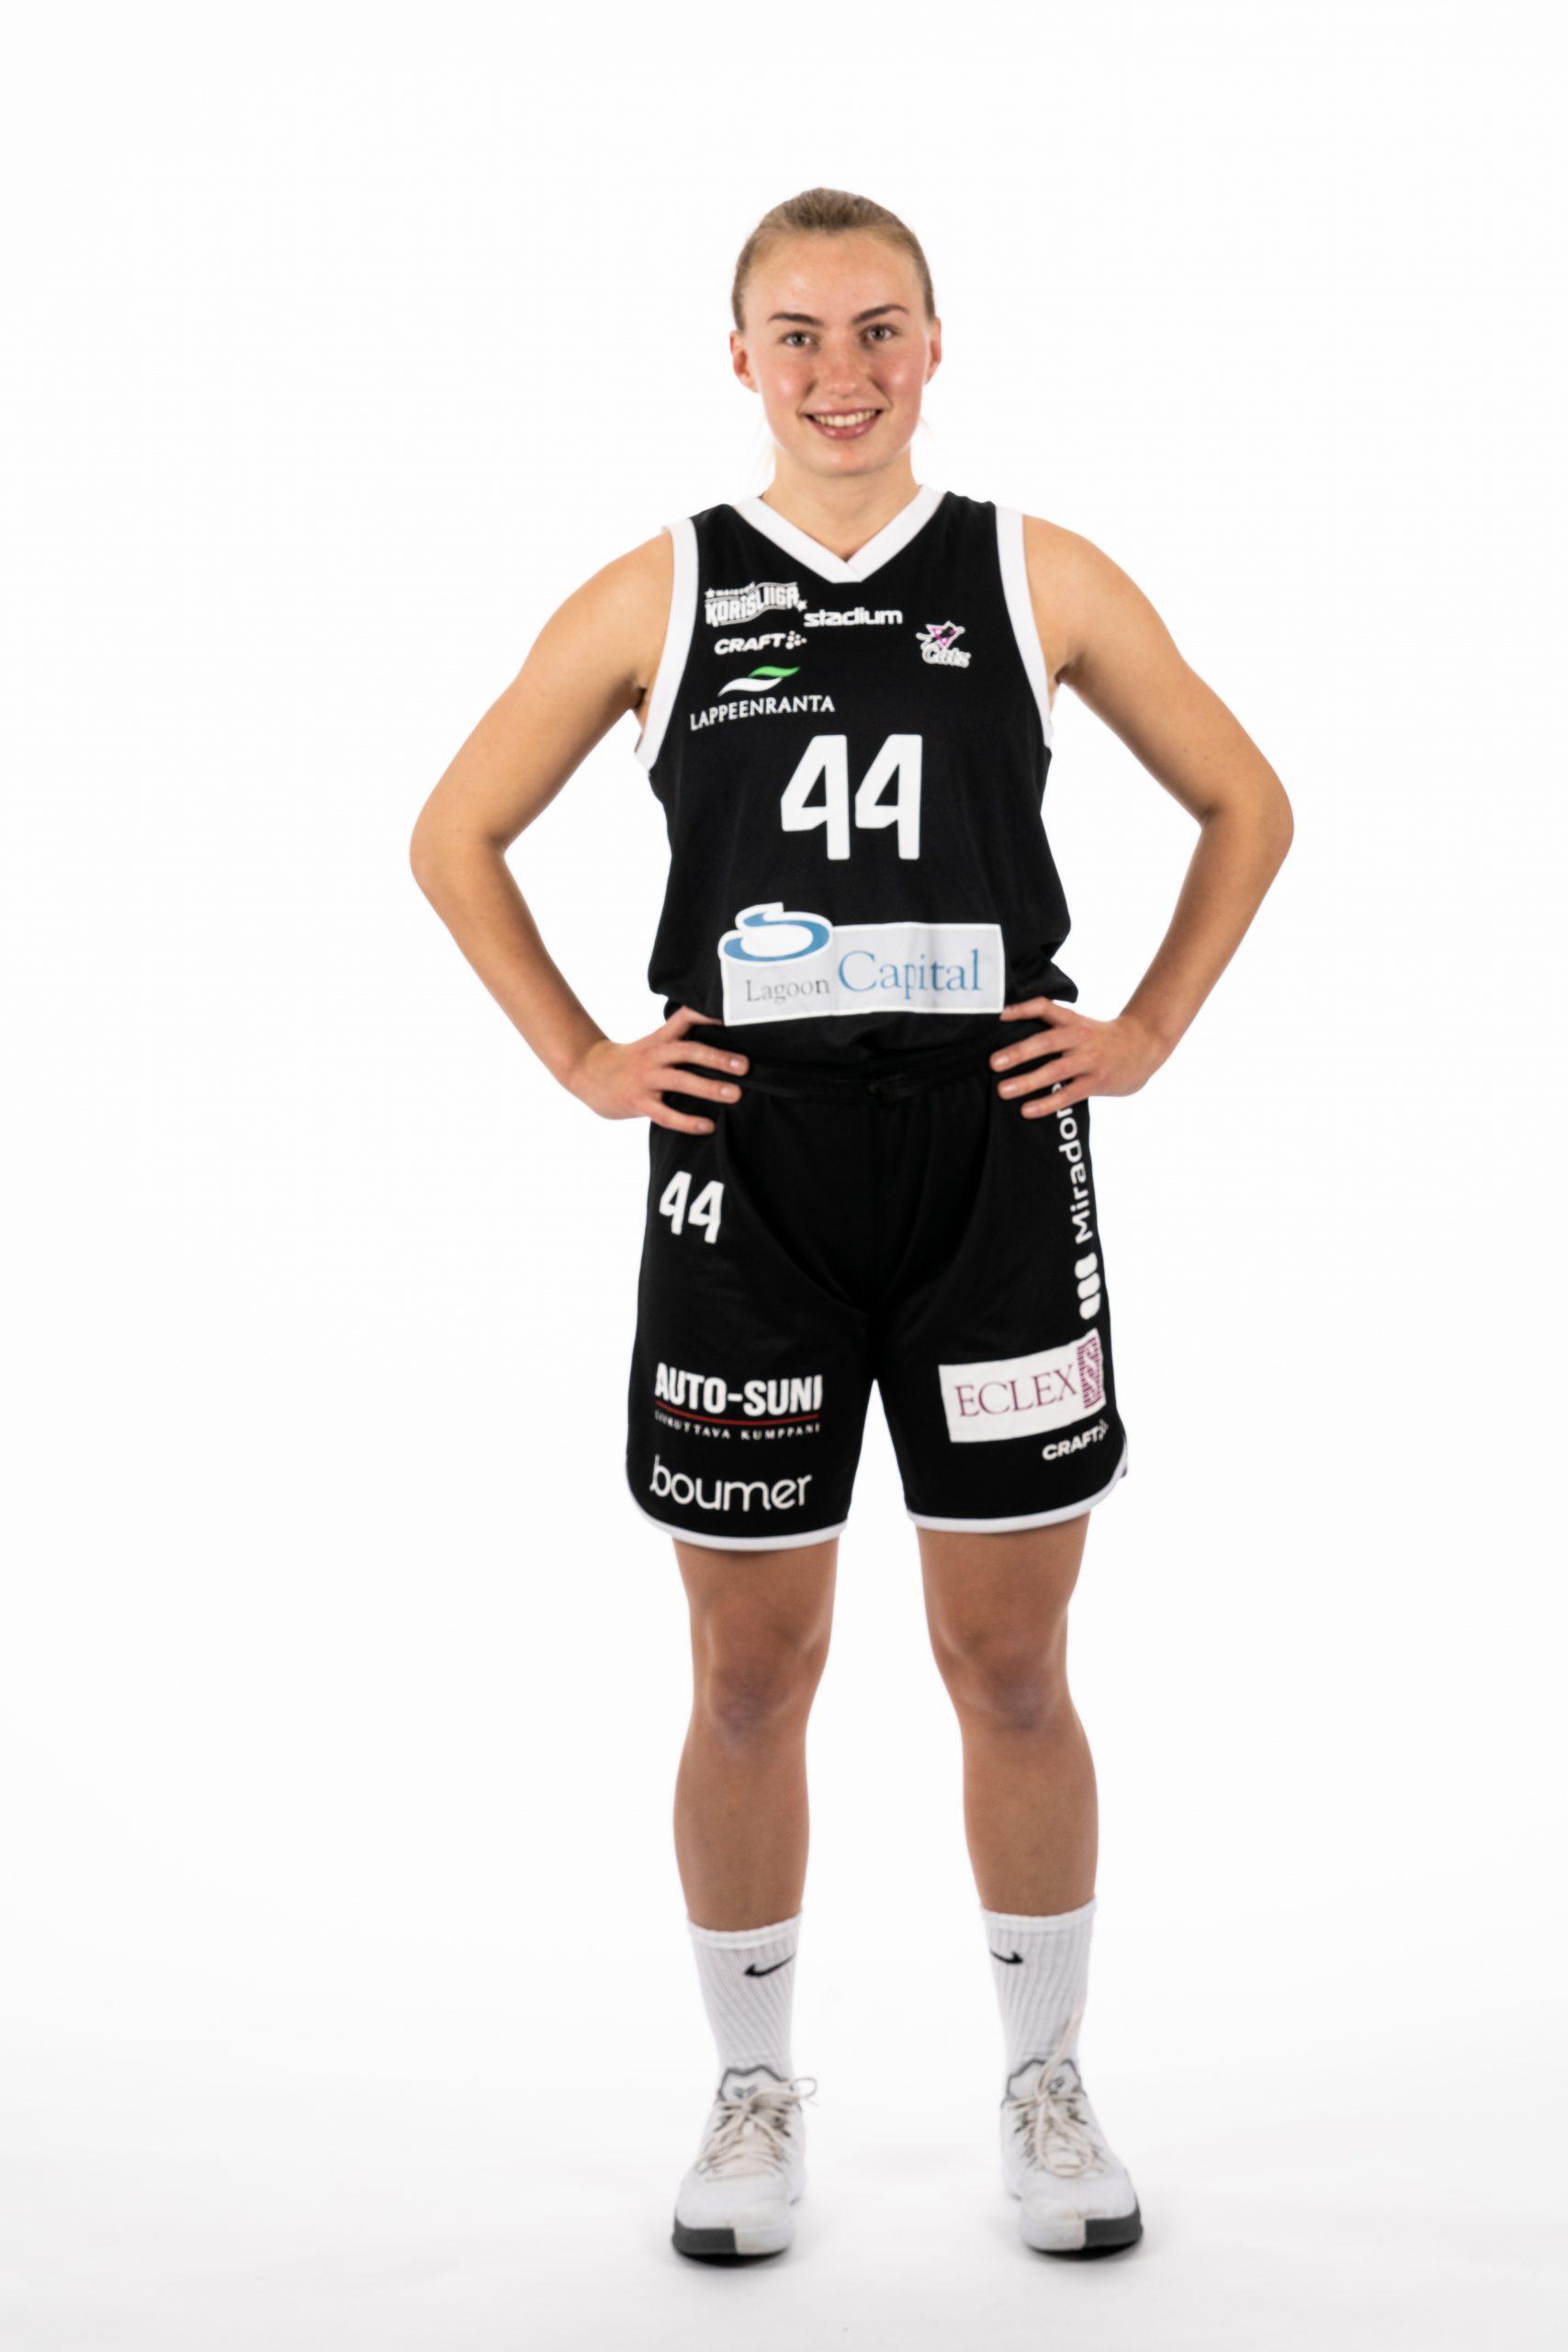 #44 Mari Kihlström